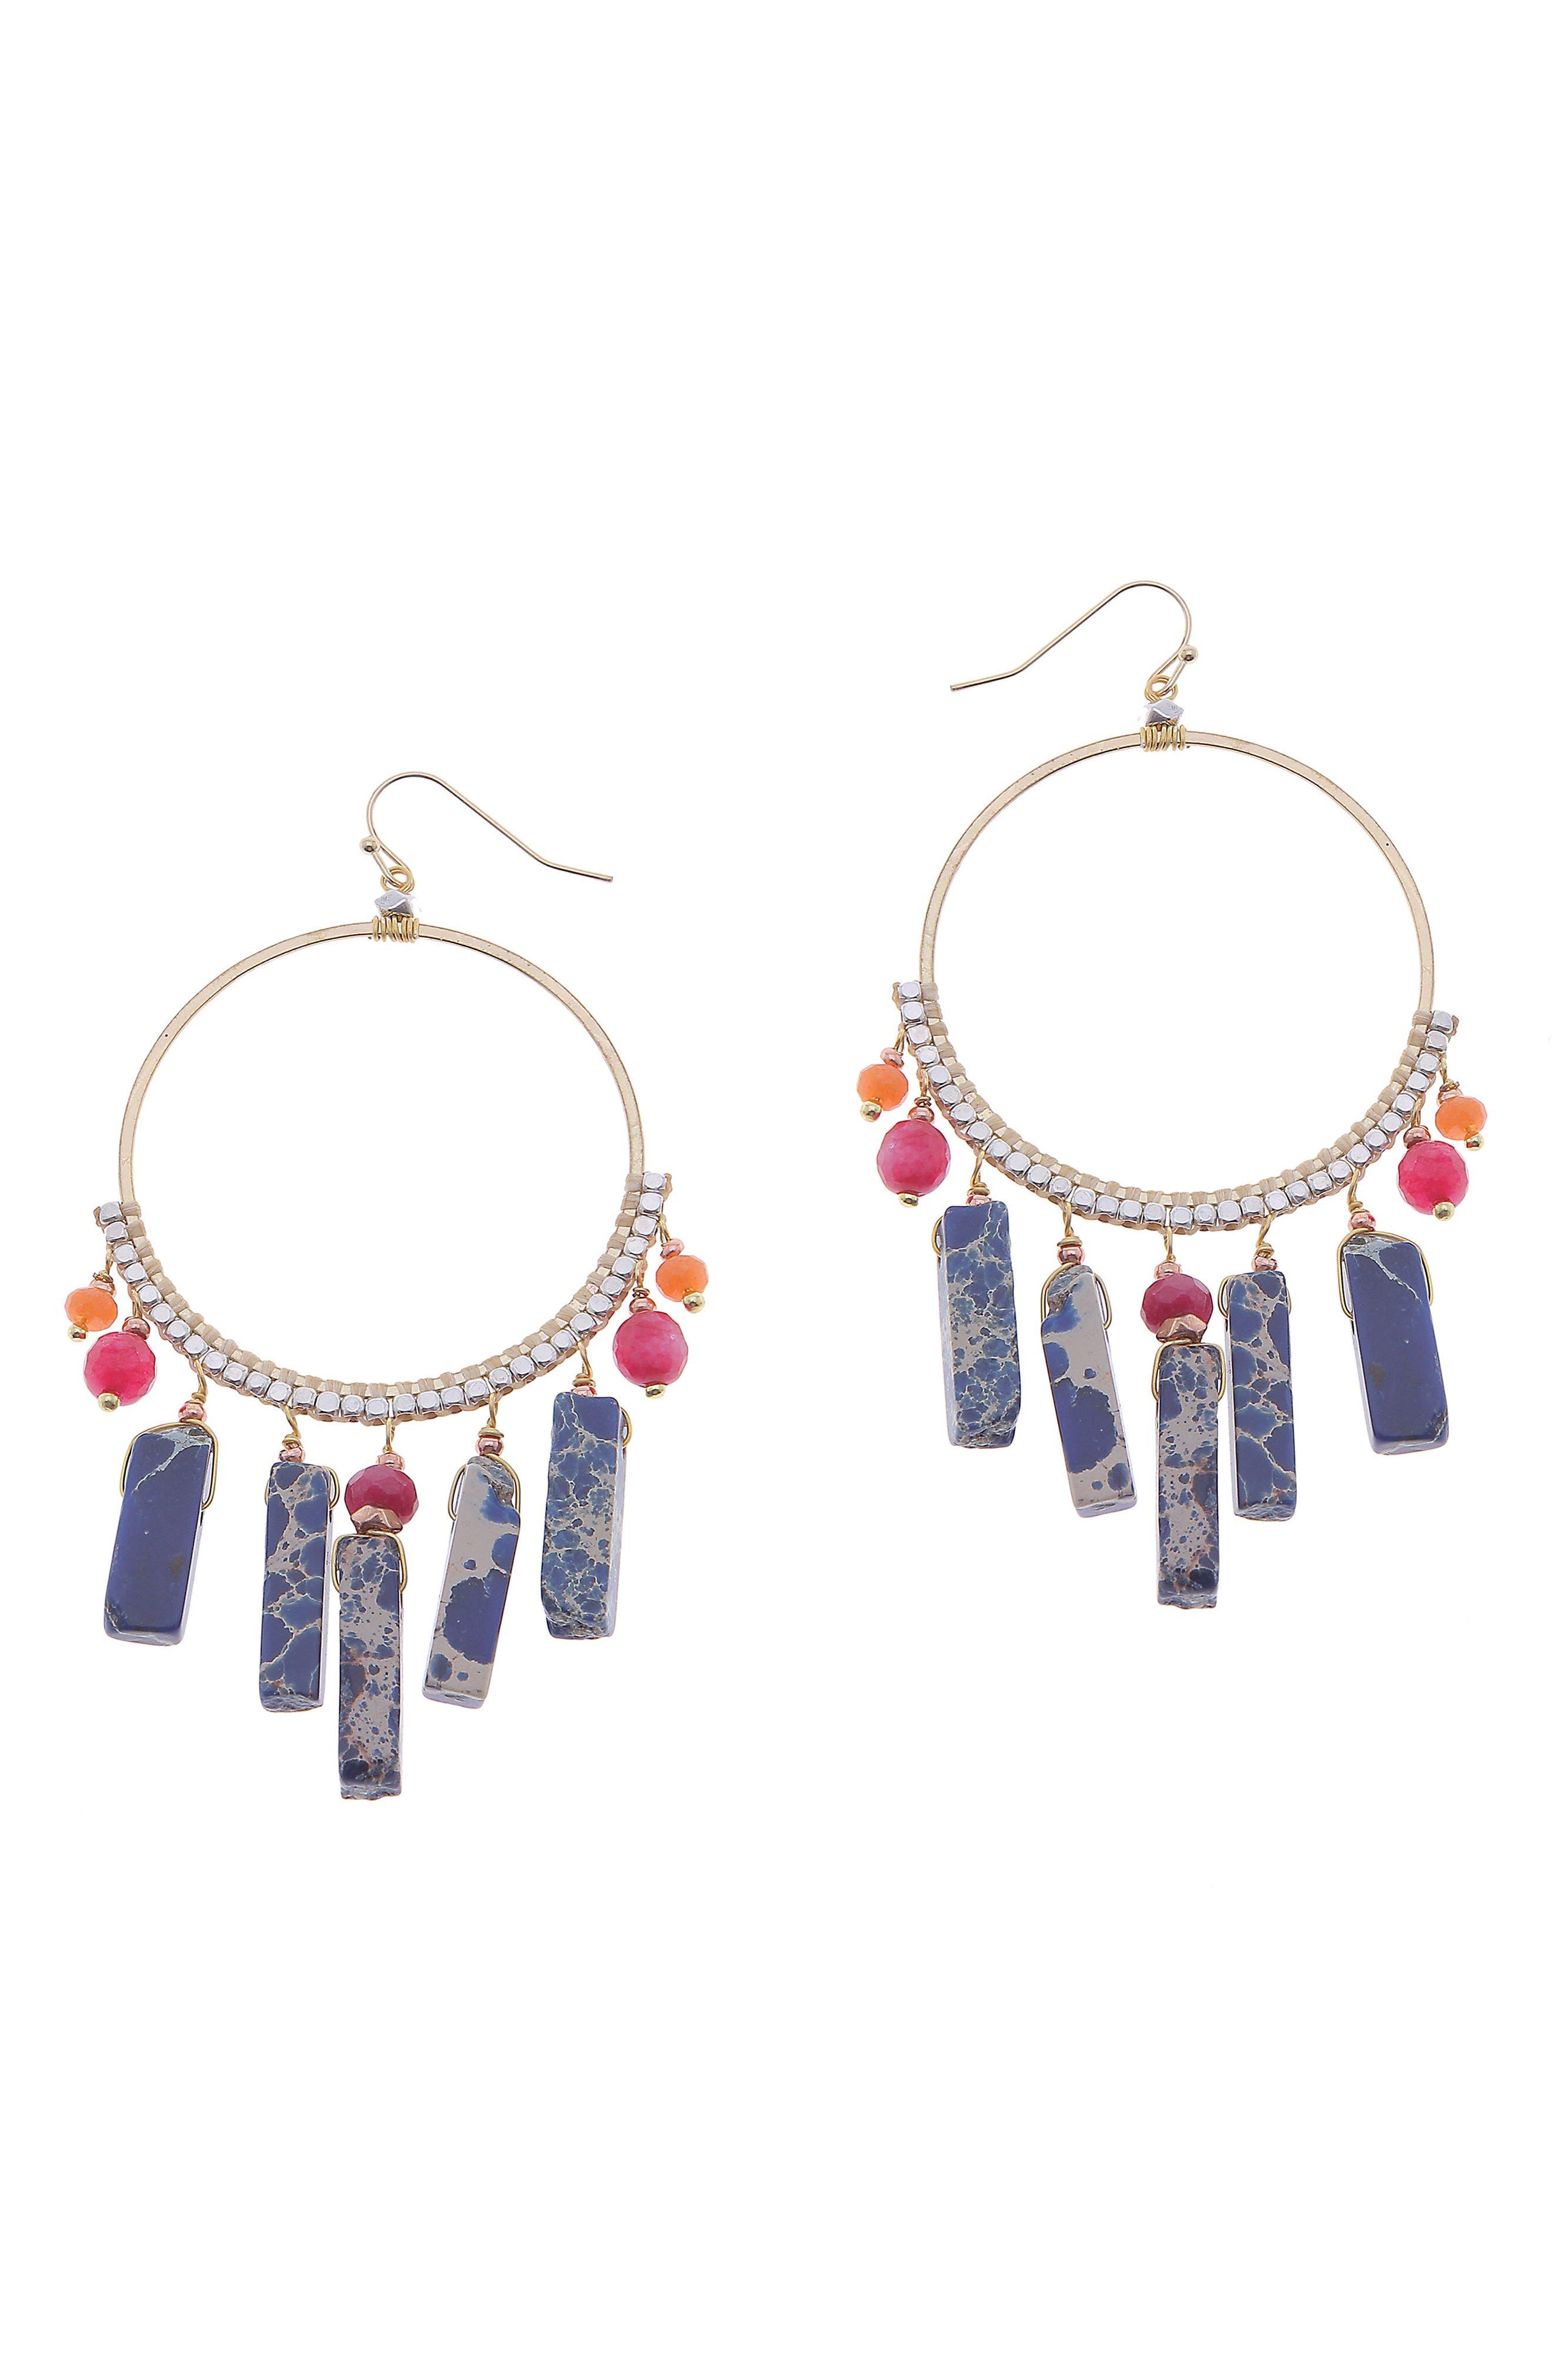 Raw Crystal & Cultured Pearl Hoop Earrings,                         Main,                         color, Blue/ Multi